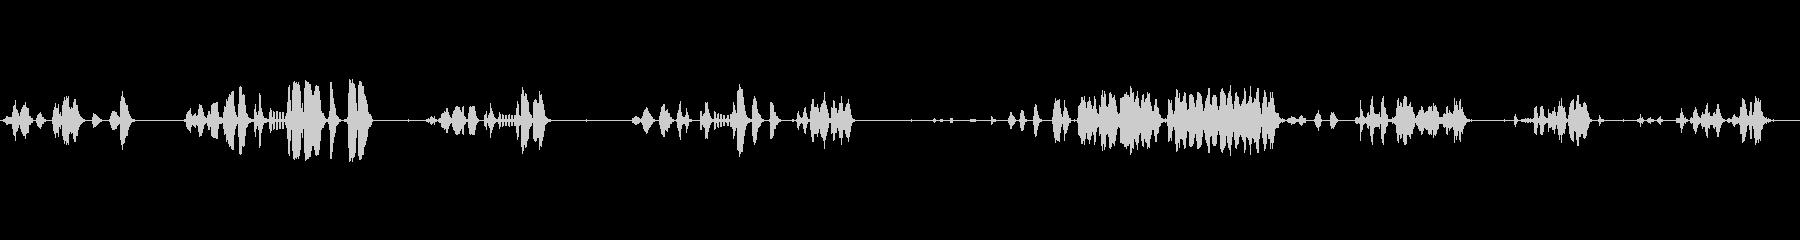 チャイニーズ・スラッシュ・チャープ...の未再生の波形